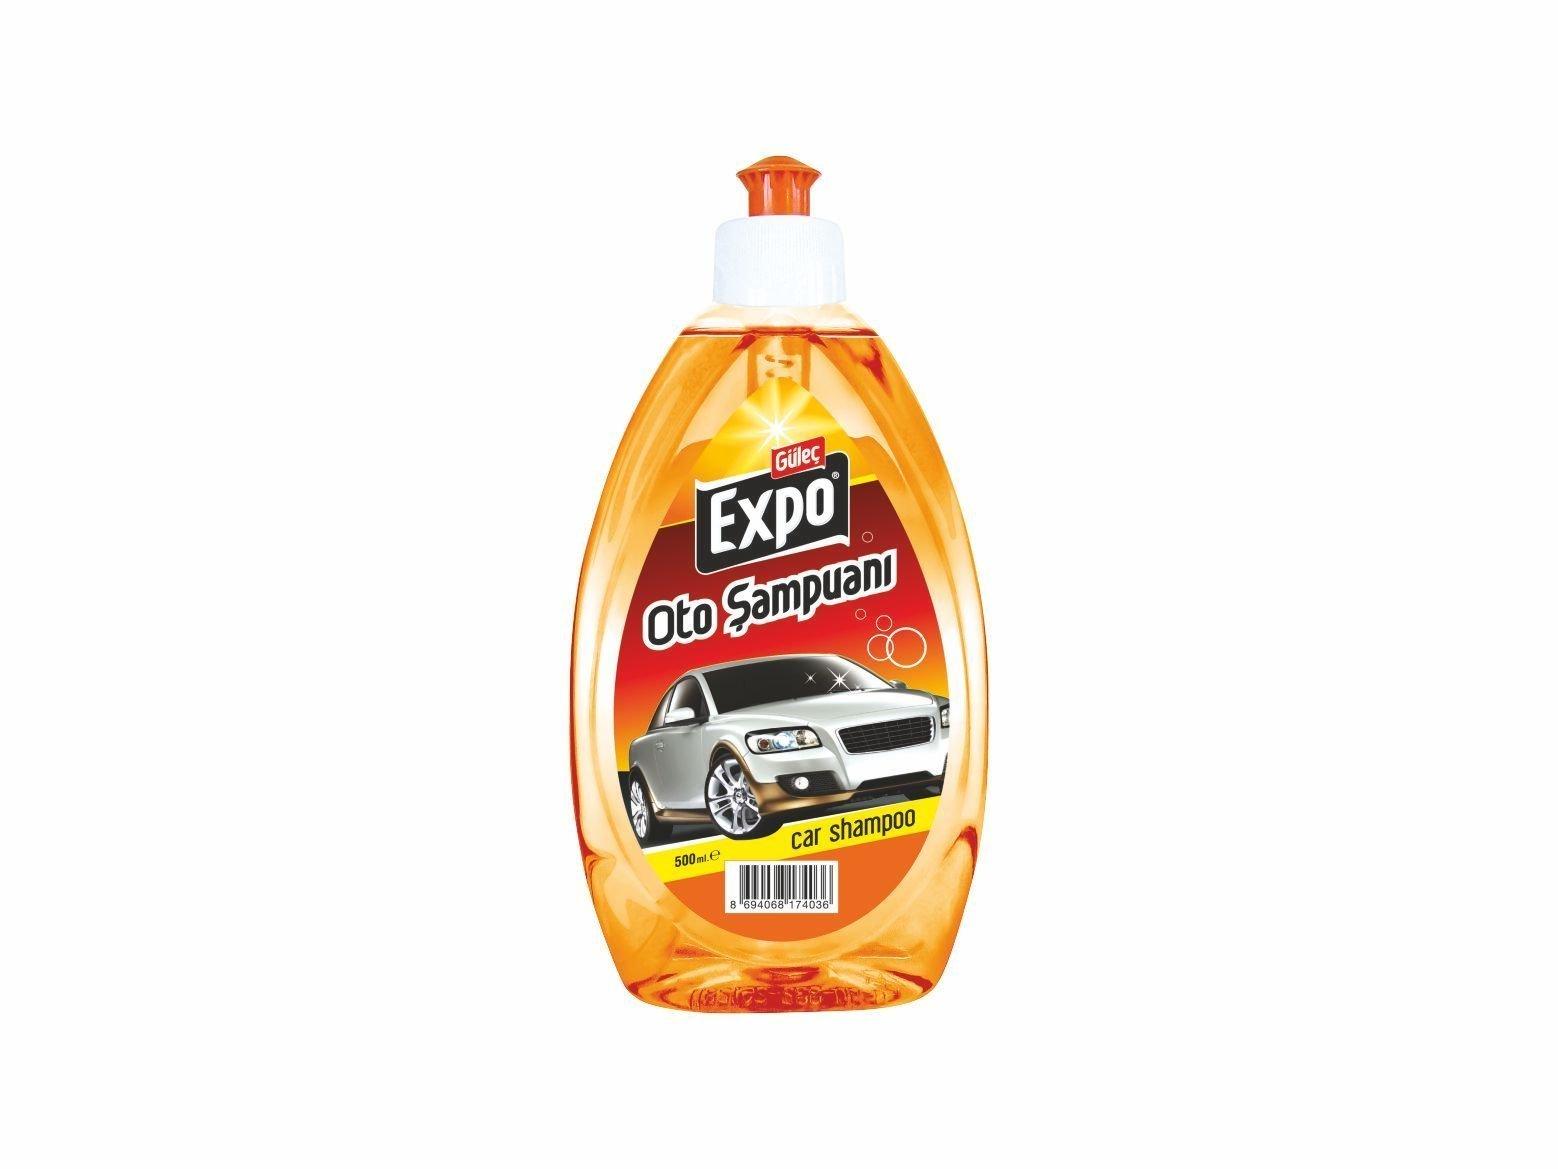 Expo Oto Şampuanı 500 ml